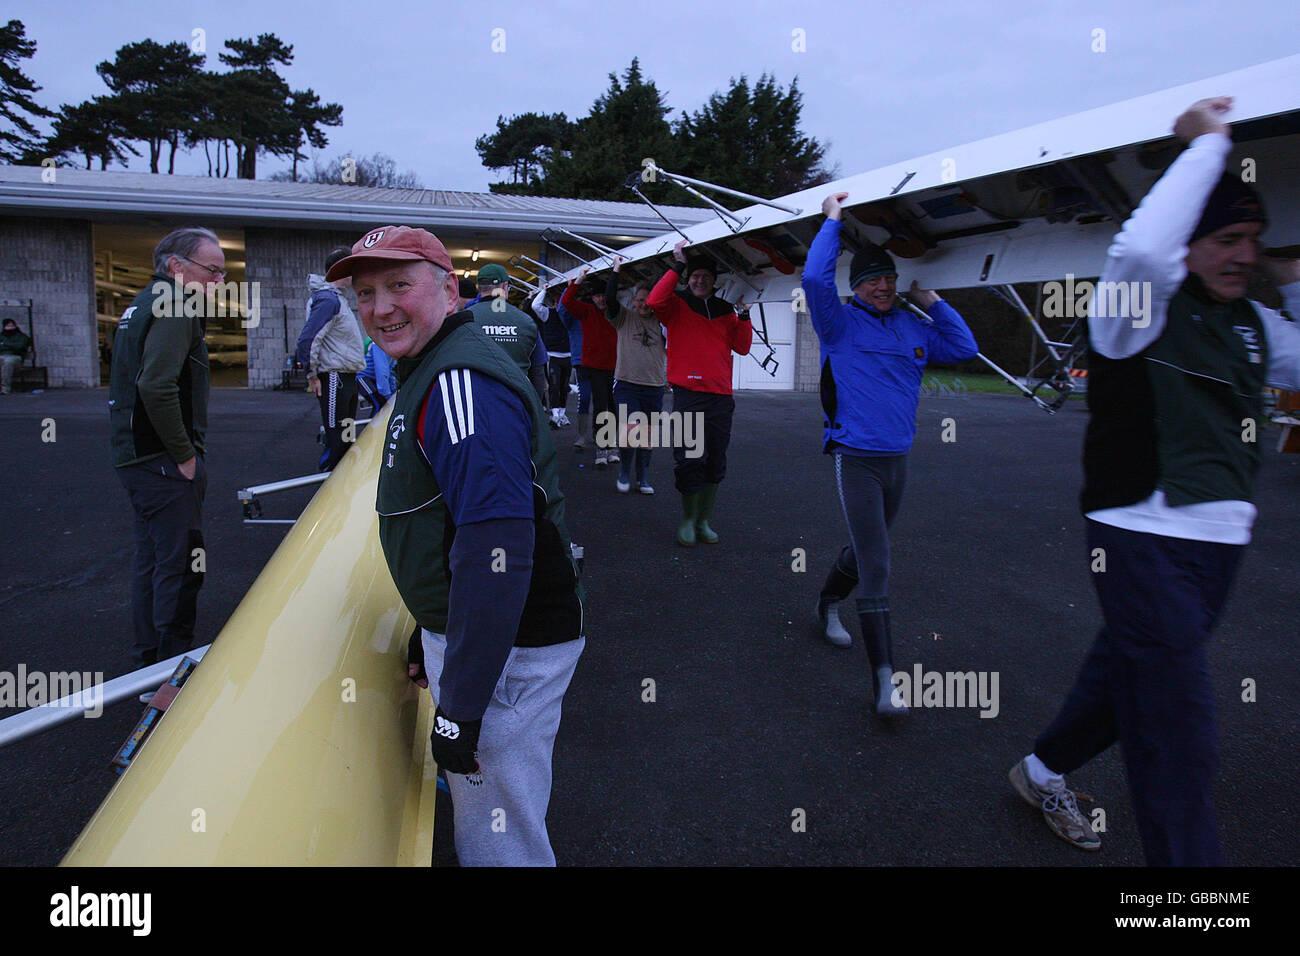 Ambasciatori andare canottaggio sul fiume Liffey Foto Stock